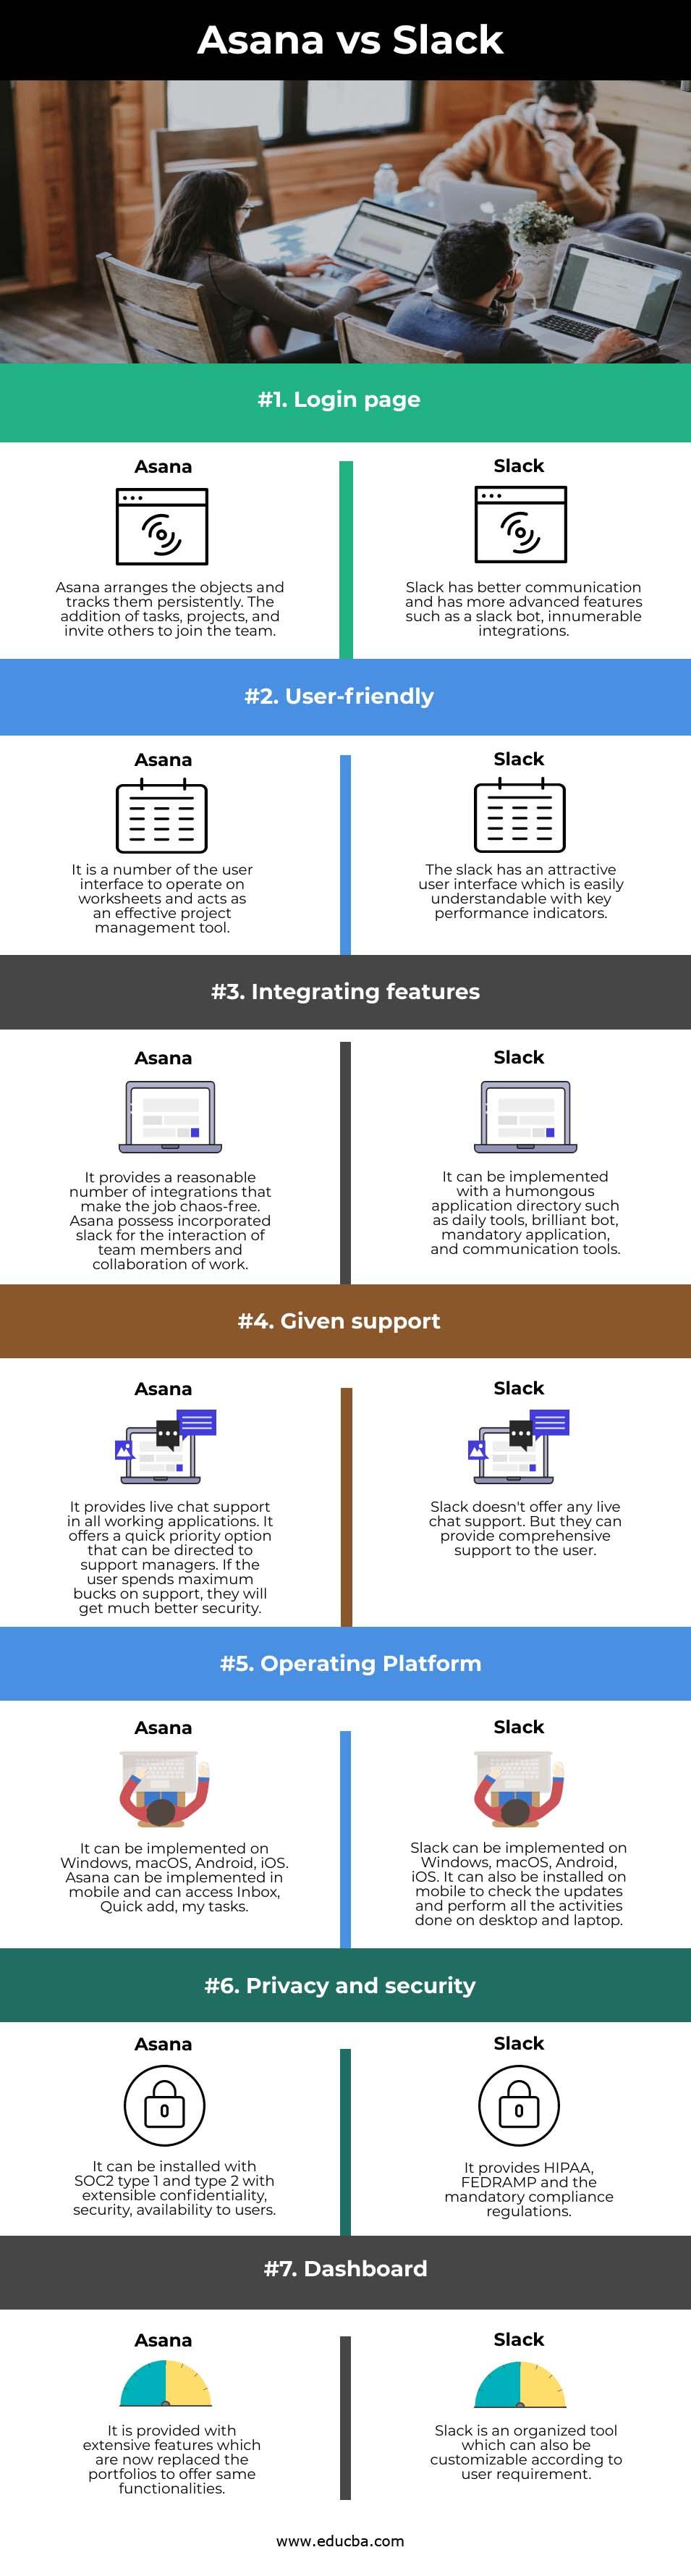 Asana vs Slack info